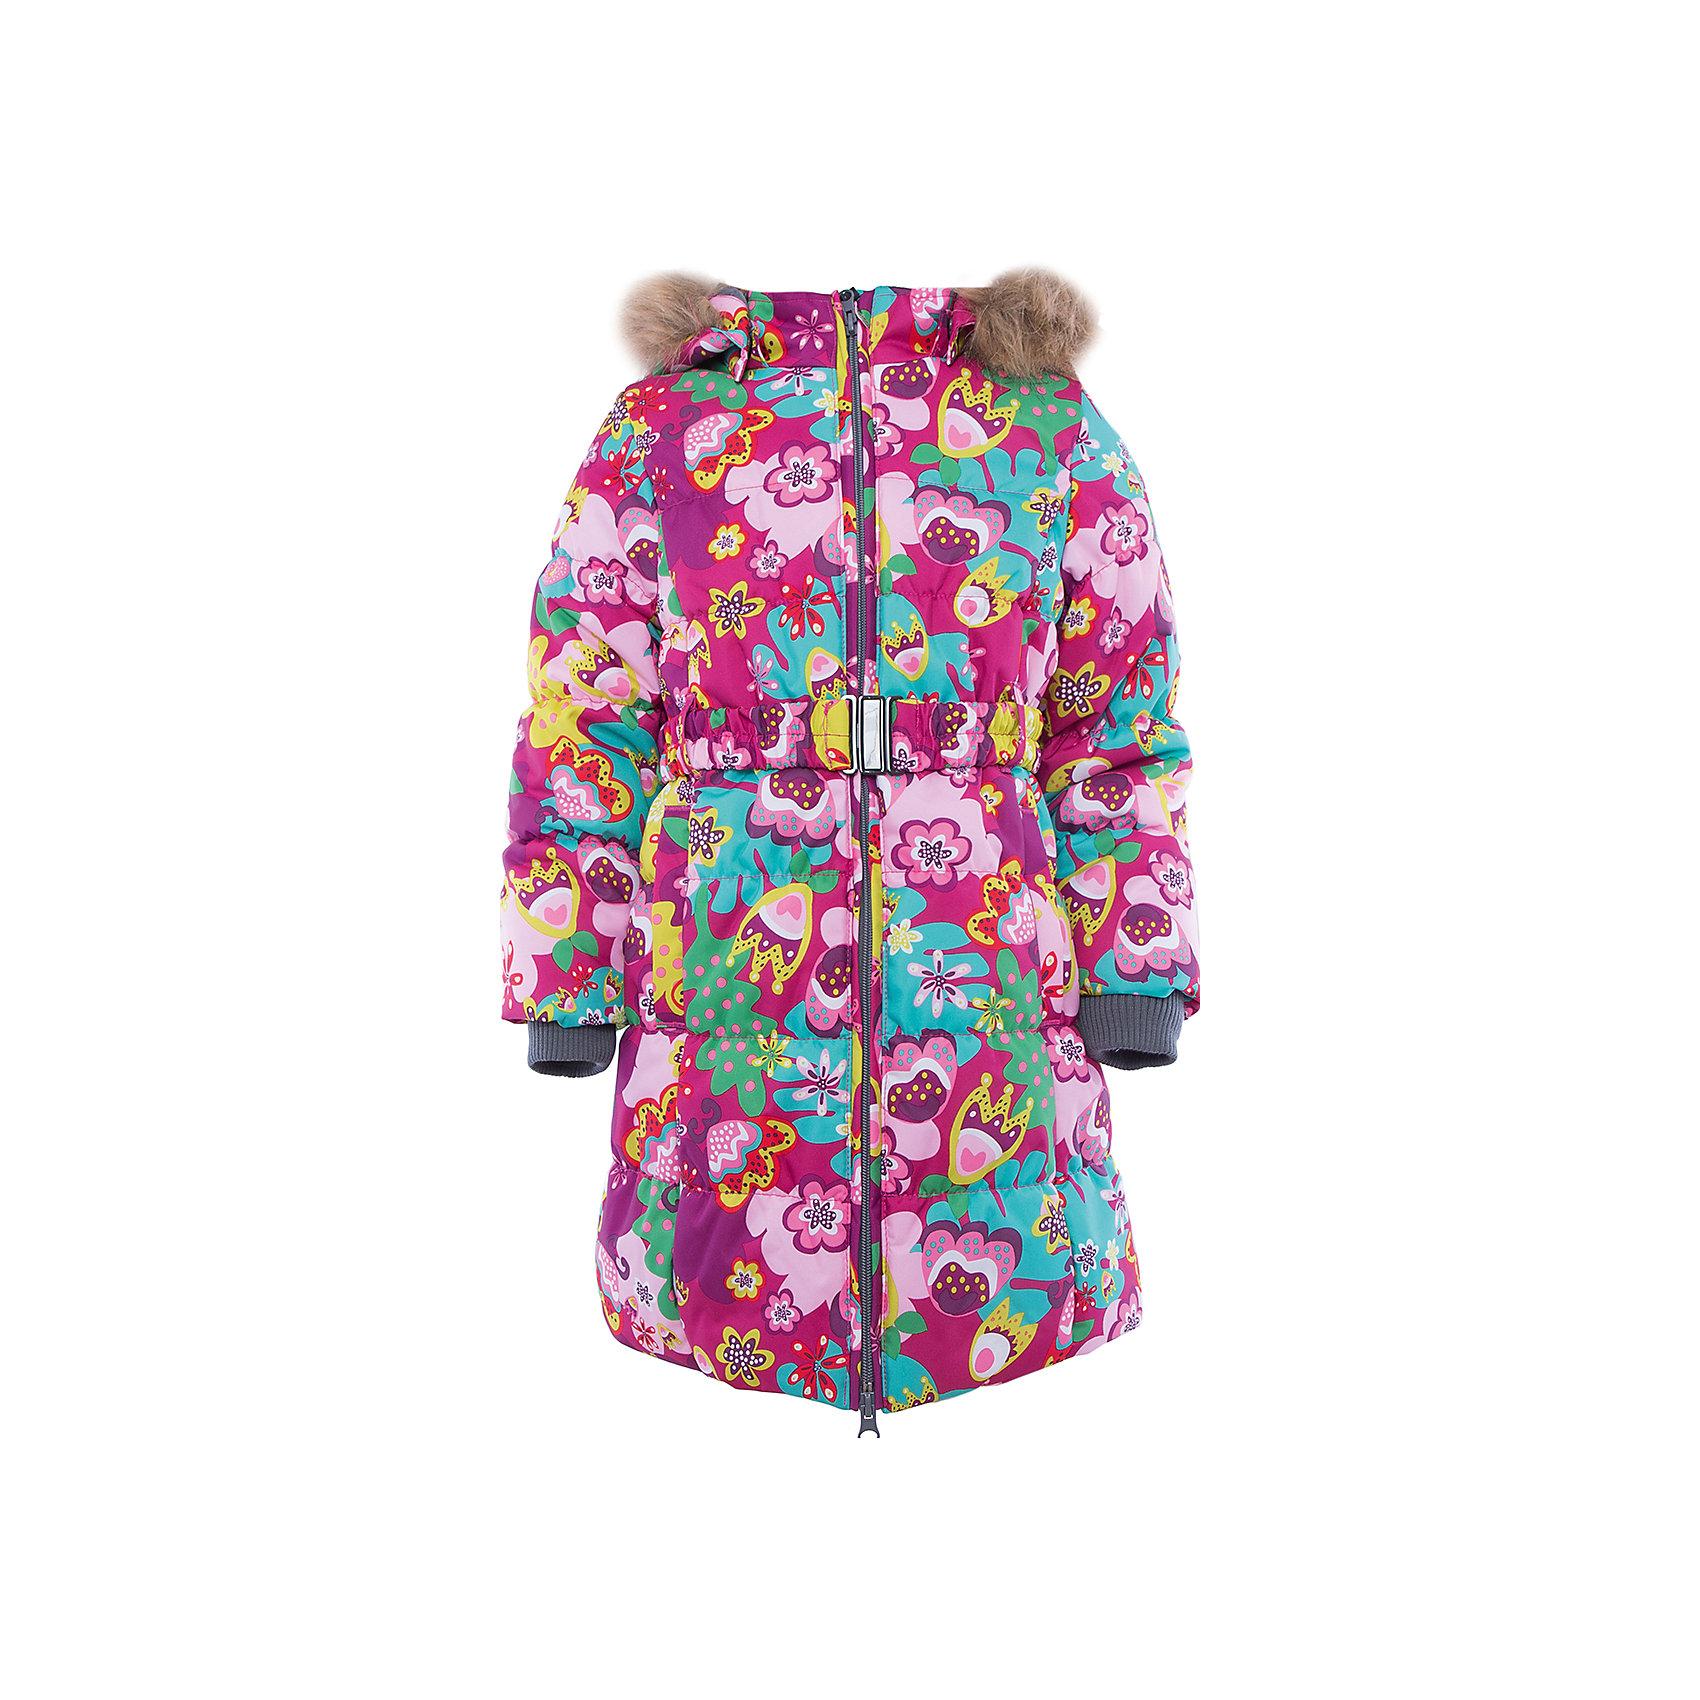 Пальто   для девочки HuppaЗимние куртки<br>Пальто YACARANDA Huppa(Хуппа).<br><br>Утеплитель: 100% полиэстер, 300 гр.<br><br>Температурный режим: до -30 градусов. Степень утепления – высокая. <br><br>* Температурный режим указан приблизительно — необходимо, прежде всего, ориентироваться на ощущения ребенка. Температурный режим работает в случае соблюдения правила многослойности – использования флисовой поддевы и термобелья.<br><br>Идеально подойдет девочке в холодную погоду. Пальто имеет приталенный силуэт, внутренние вязаные манжеты, двойную молнию и большой отстегивающийся капюшон с искусственным мехом. Водонепроницаемая поверхность в сочетании с утеплителем помогут девочке оставаться в тепле и сухости в течение всей прогулки. Пальто легко стирается и быстро сохнет. Все ткани очень прочные и защищены от истирания. Прекрасно подойдет для зимы.<br><br>Дополнительная информация:<br>Материал: 100% полиэстер<br>Подкладка: тафта - 100% полиэстер, флис - 100% полиэстер<br>Цвет: розовый/фуксия<br><br>Вы можете приобрести пальто YACARANDA Huppa(Хуппа) в нашем интернет-магазине.<br><br>Ширина мм: 356<br>Глубина мм: 10<br>Высота мм: 245<br>Вес г: 519<br>Цвет: pink/gelb<br>Возраст от месяцев: 36<br>Возраст до месяцев: 48<br>Пол: Женский<br>Возраст: Детский<br>Размер: 104,158,110,116,122,128,134,140,146,152<br>SKU: 4928096